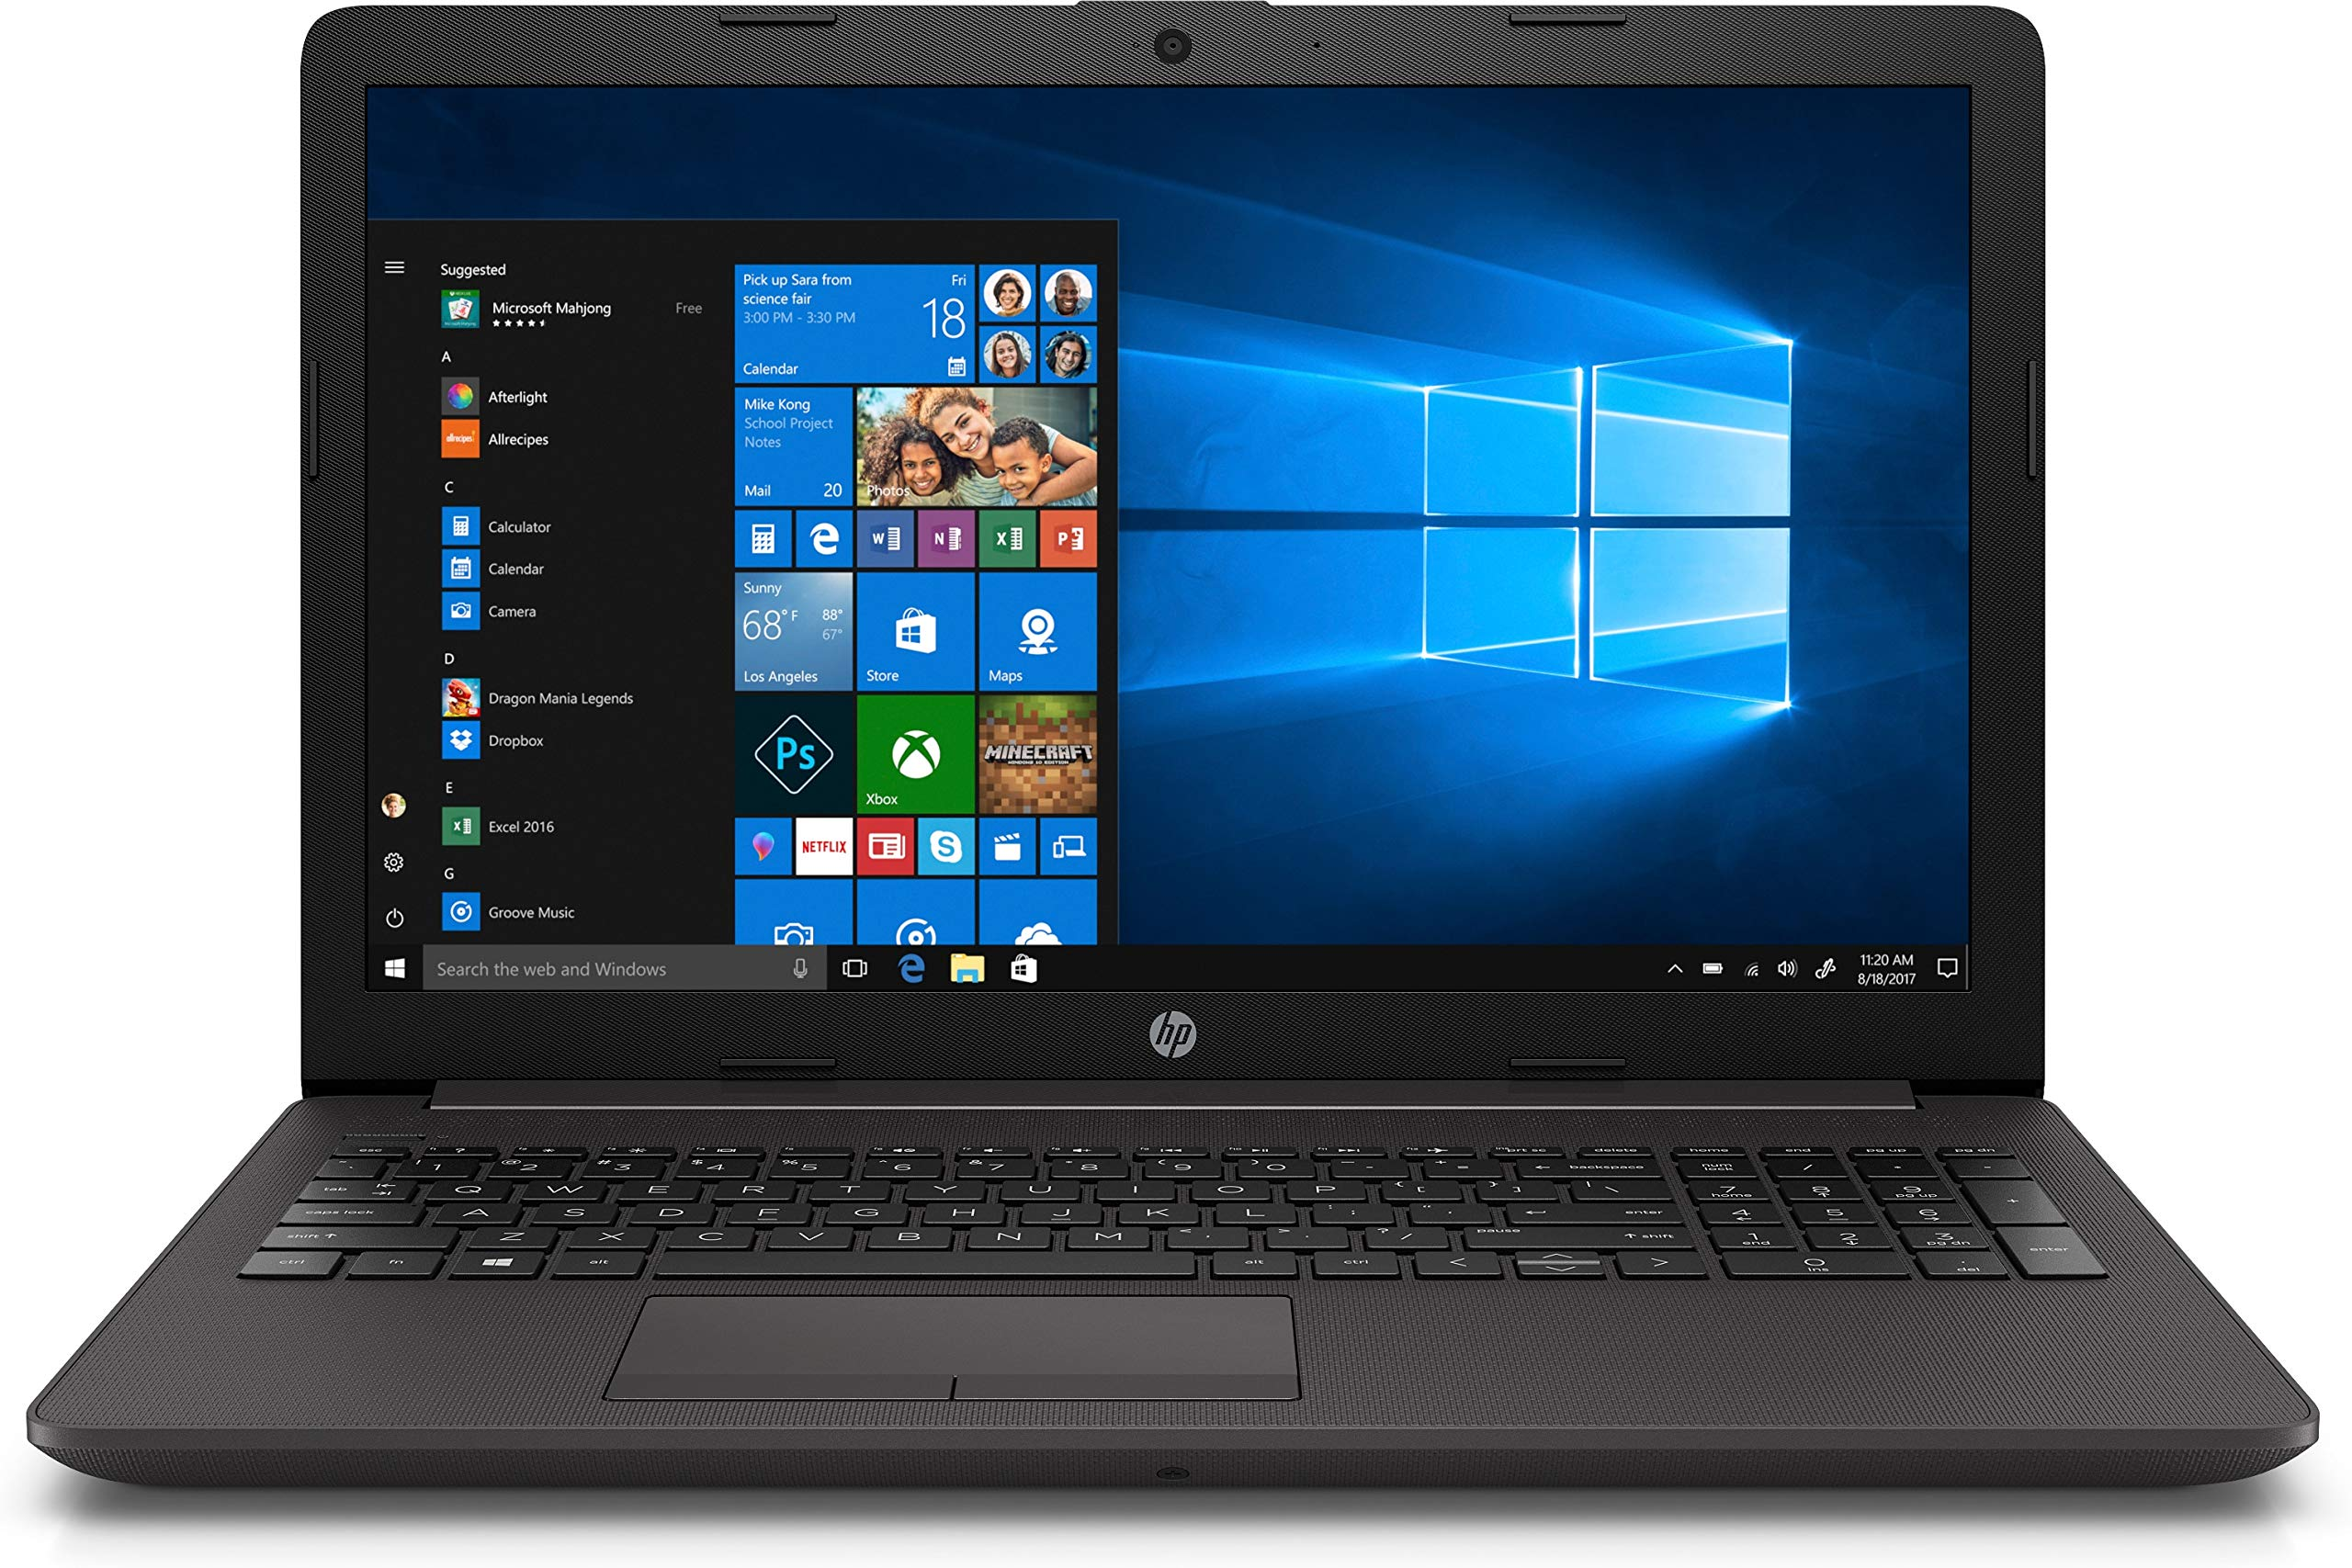 PORTÁTIL HP 250 G7 6EB61EA – INTEL N4000 1.1GHZ – 4GB – 500GB – 15.6'/39.6CM HD – DVD RW – BT – HDMI – FREEDOS